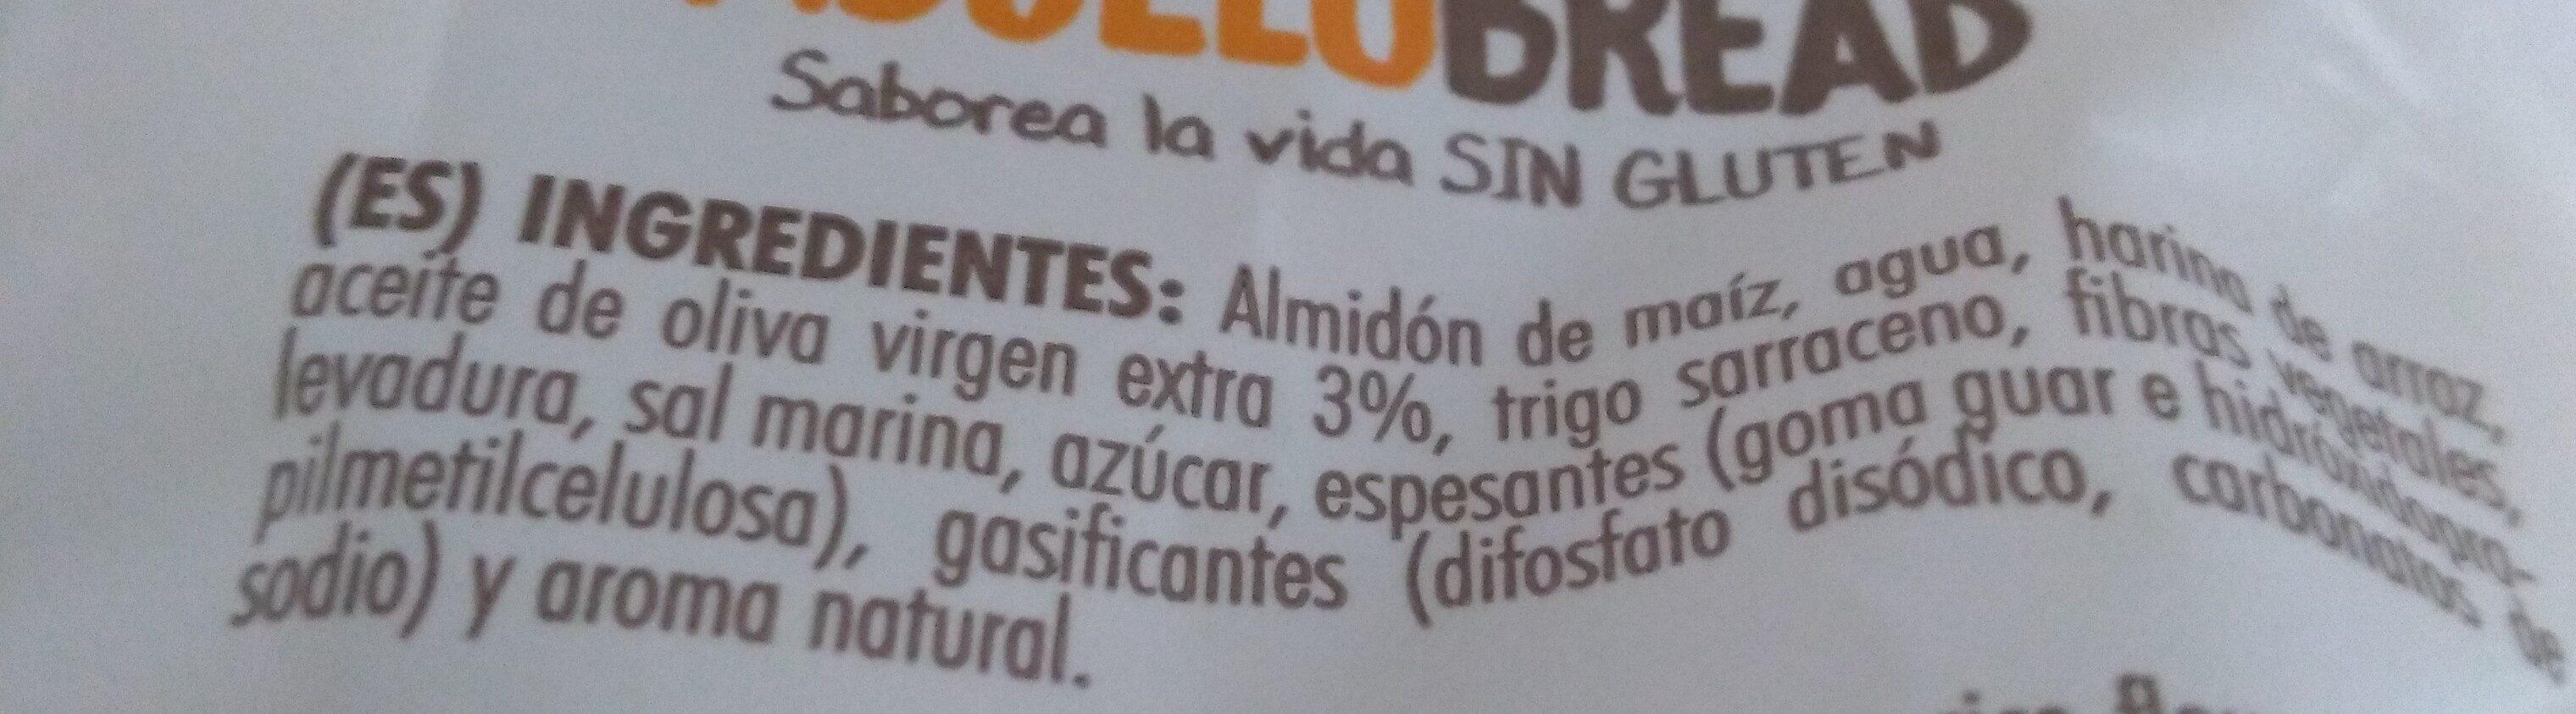 Picos artesanos sin gluten - Ingredientes - es